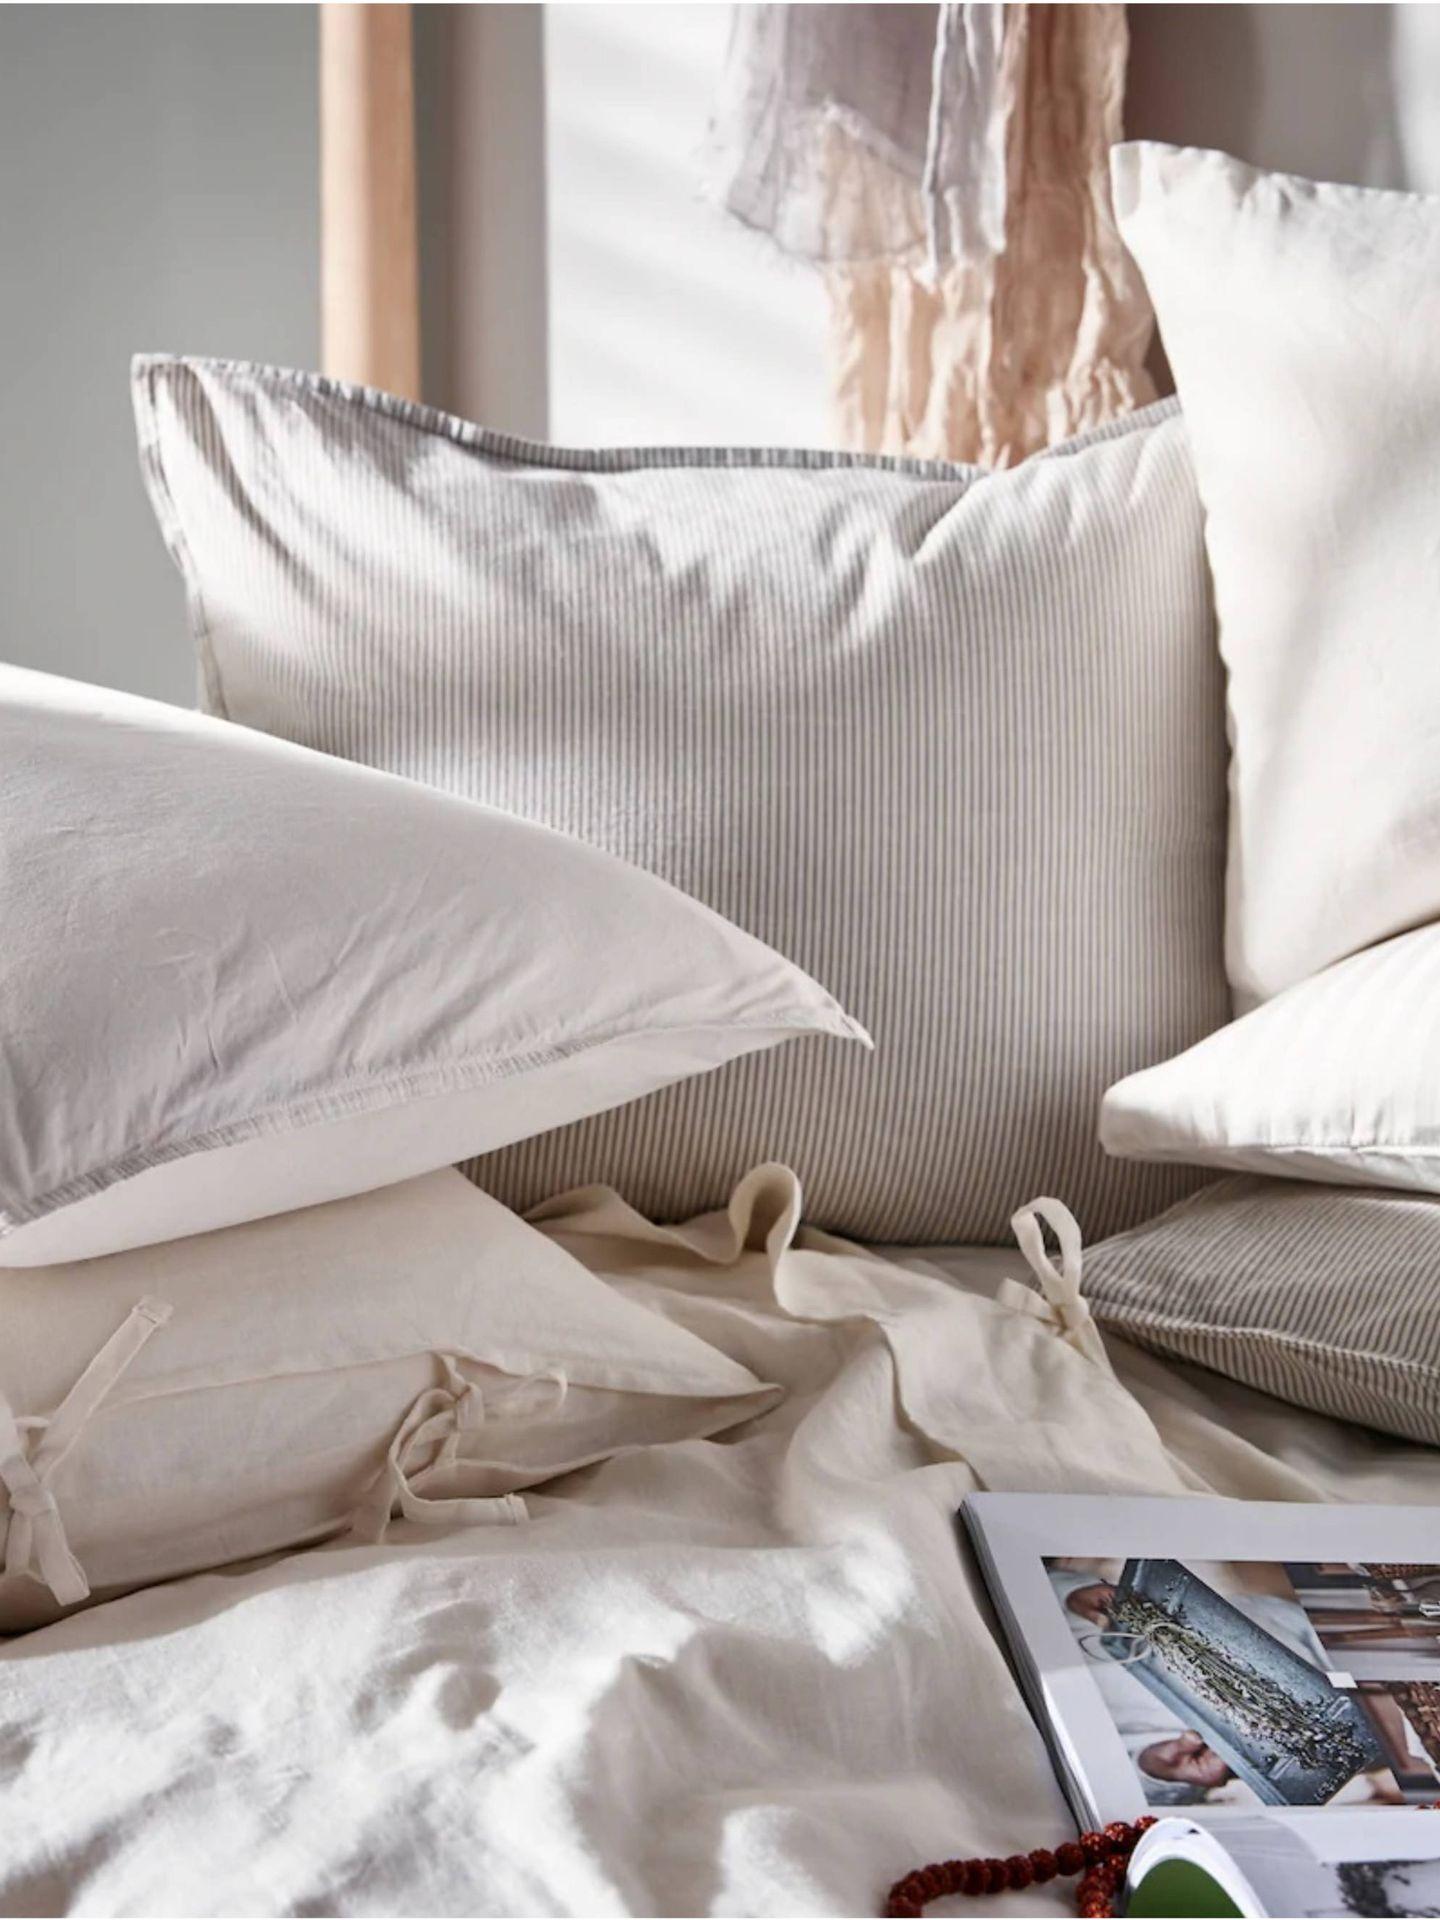 Ikea te ayuda a combatir el calor sin aire acondicionado. (Cortesía)